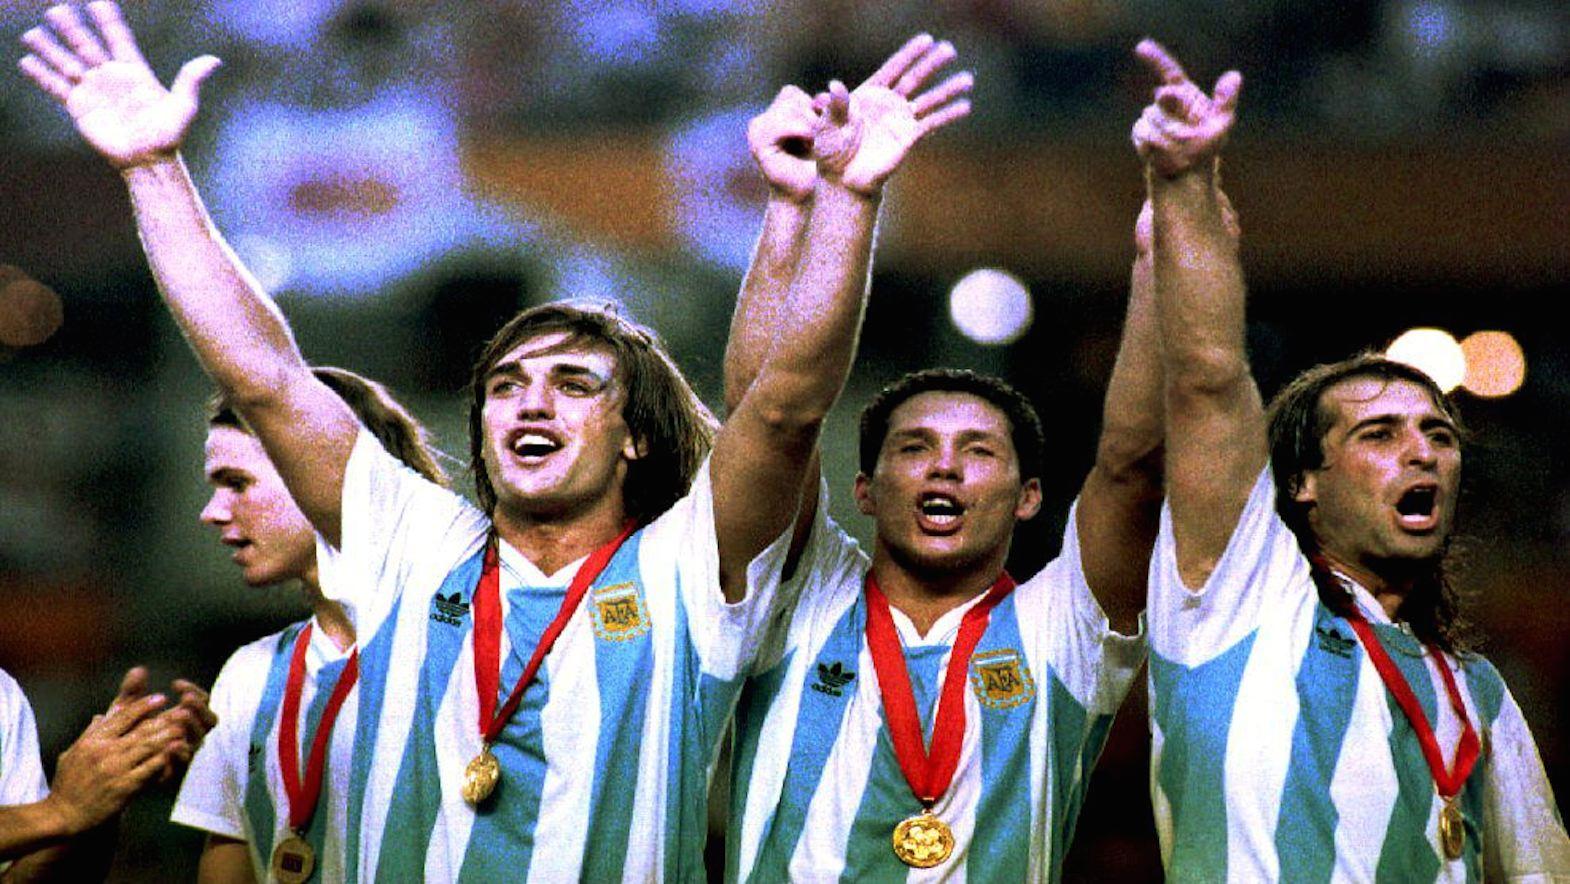 Gabriel Batistuta, Diego Simeone, y Leo Rodríguez celebran la victoria en la Copa América, Ecuador 1993. Los argentinos derrotaron a México 2-1. (Crédito: TIM CLARY/AFP/Getty Images)